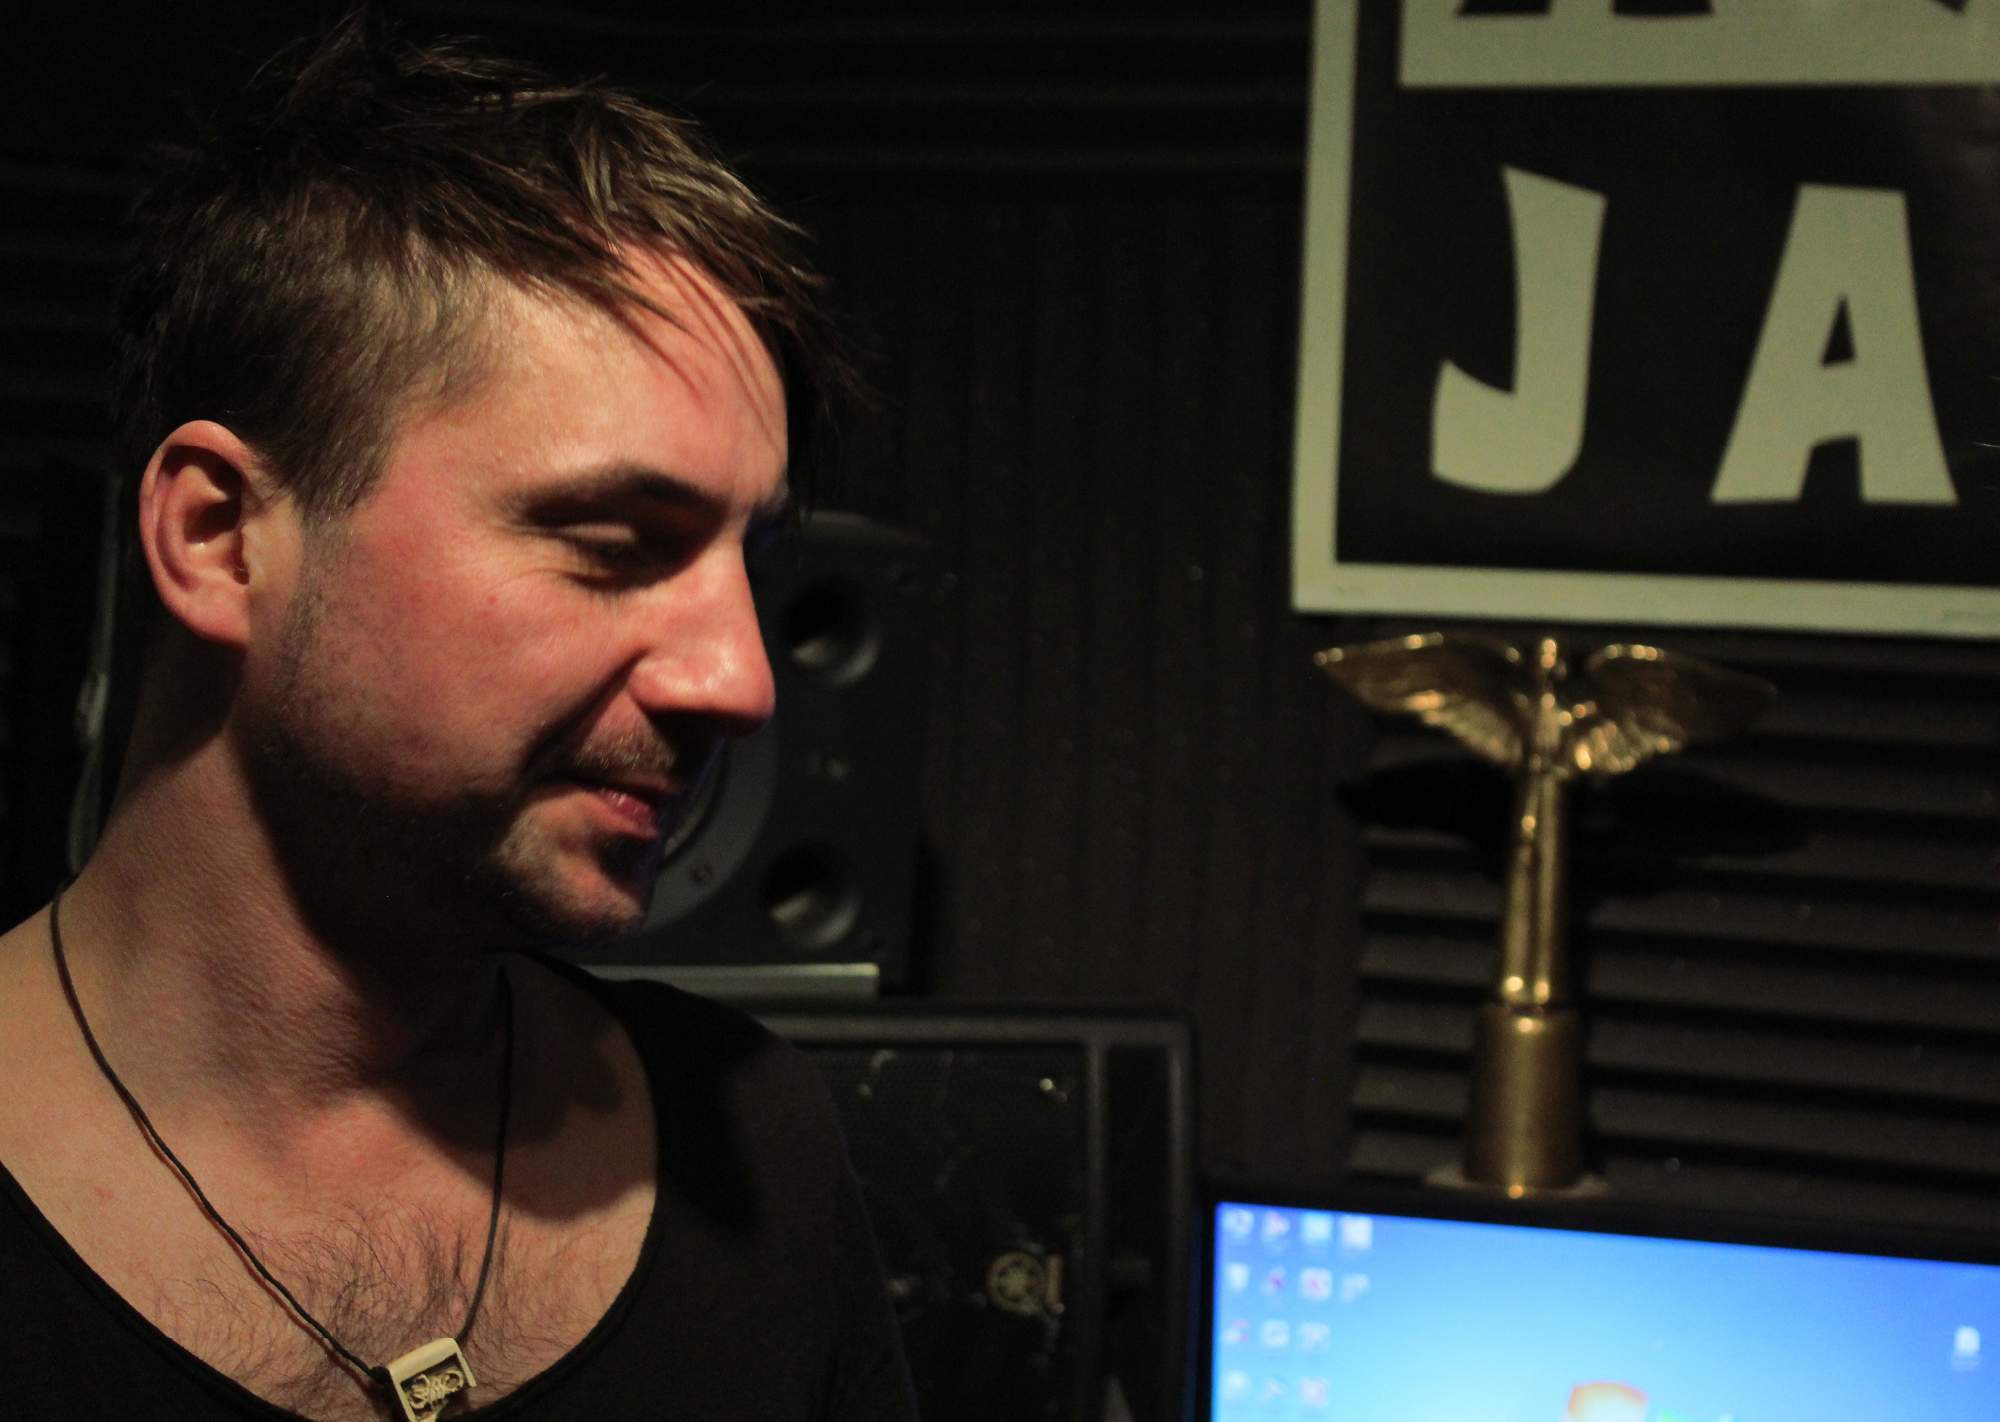 Producent Aleš Zenkl ve svém nahrávacím studiu Elements DS. zdroj:Rudolf Požár